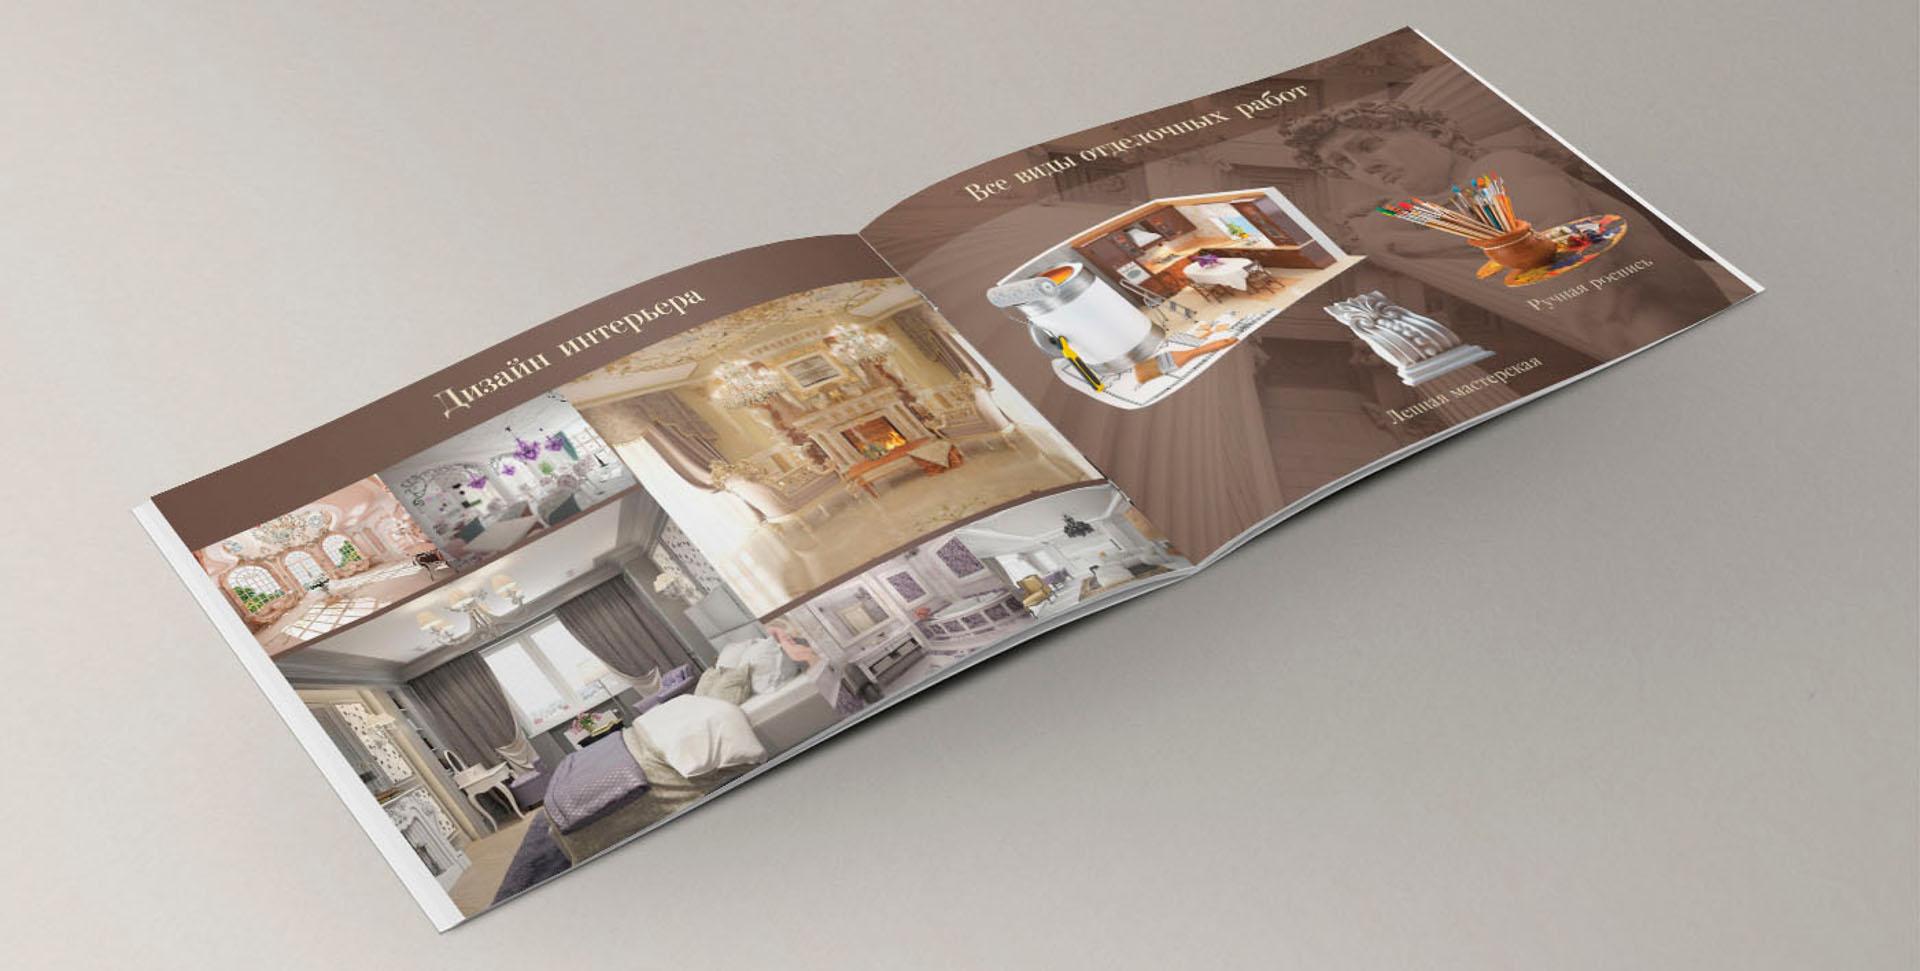 Design буклета для студии дизайна интерьера